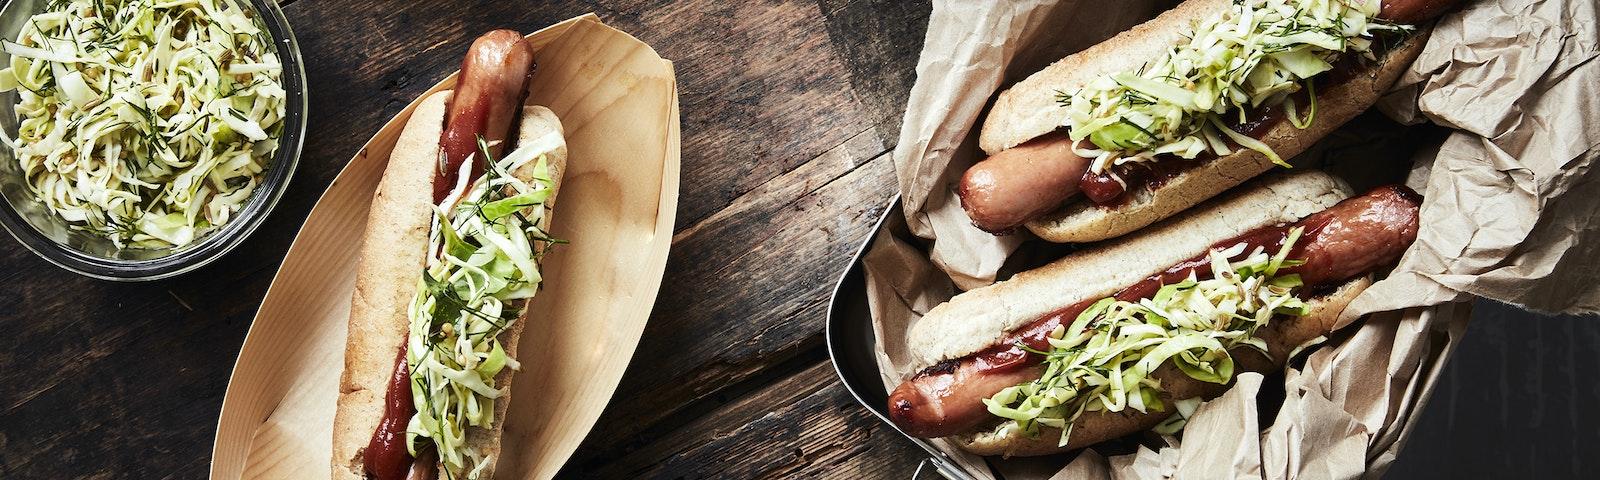 Hotdog med syltet kål og karry ketchup